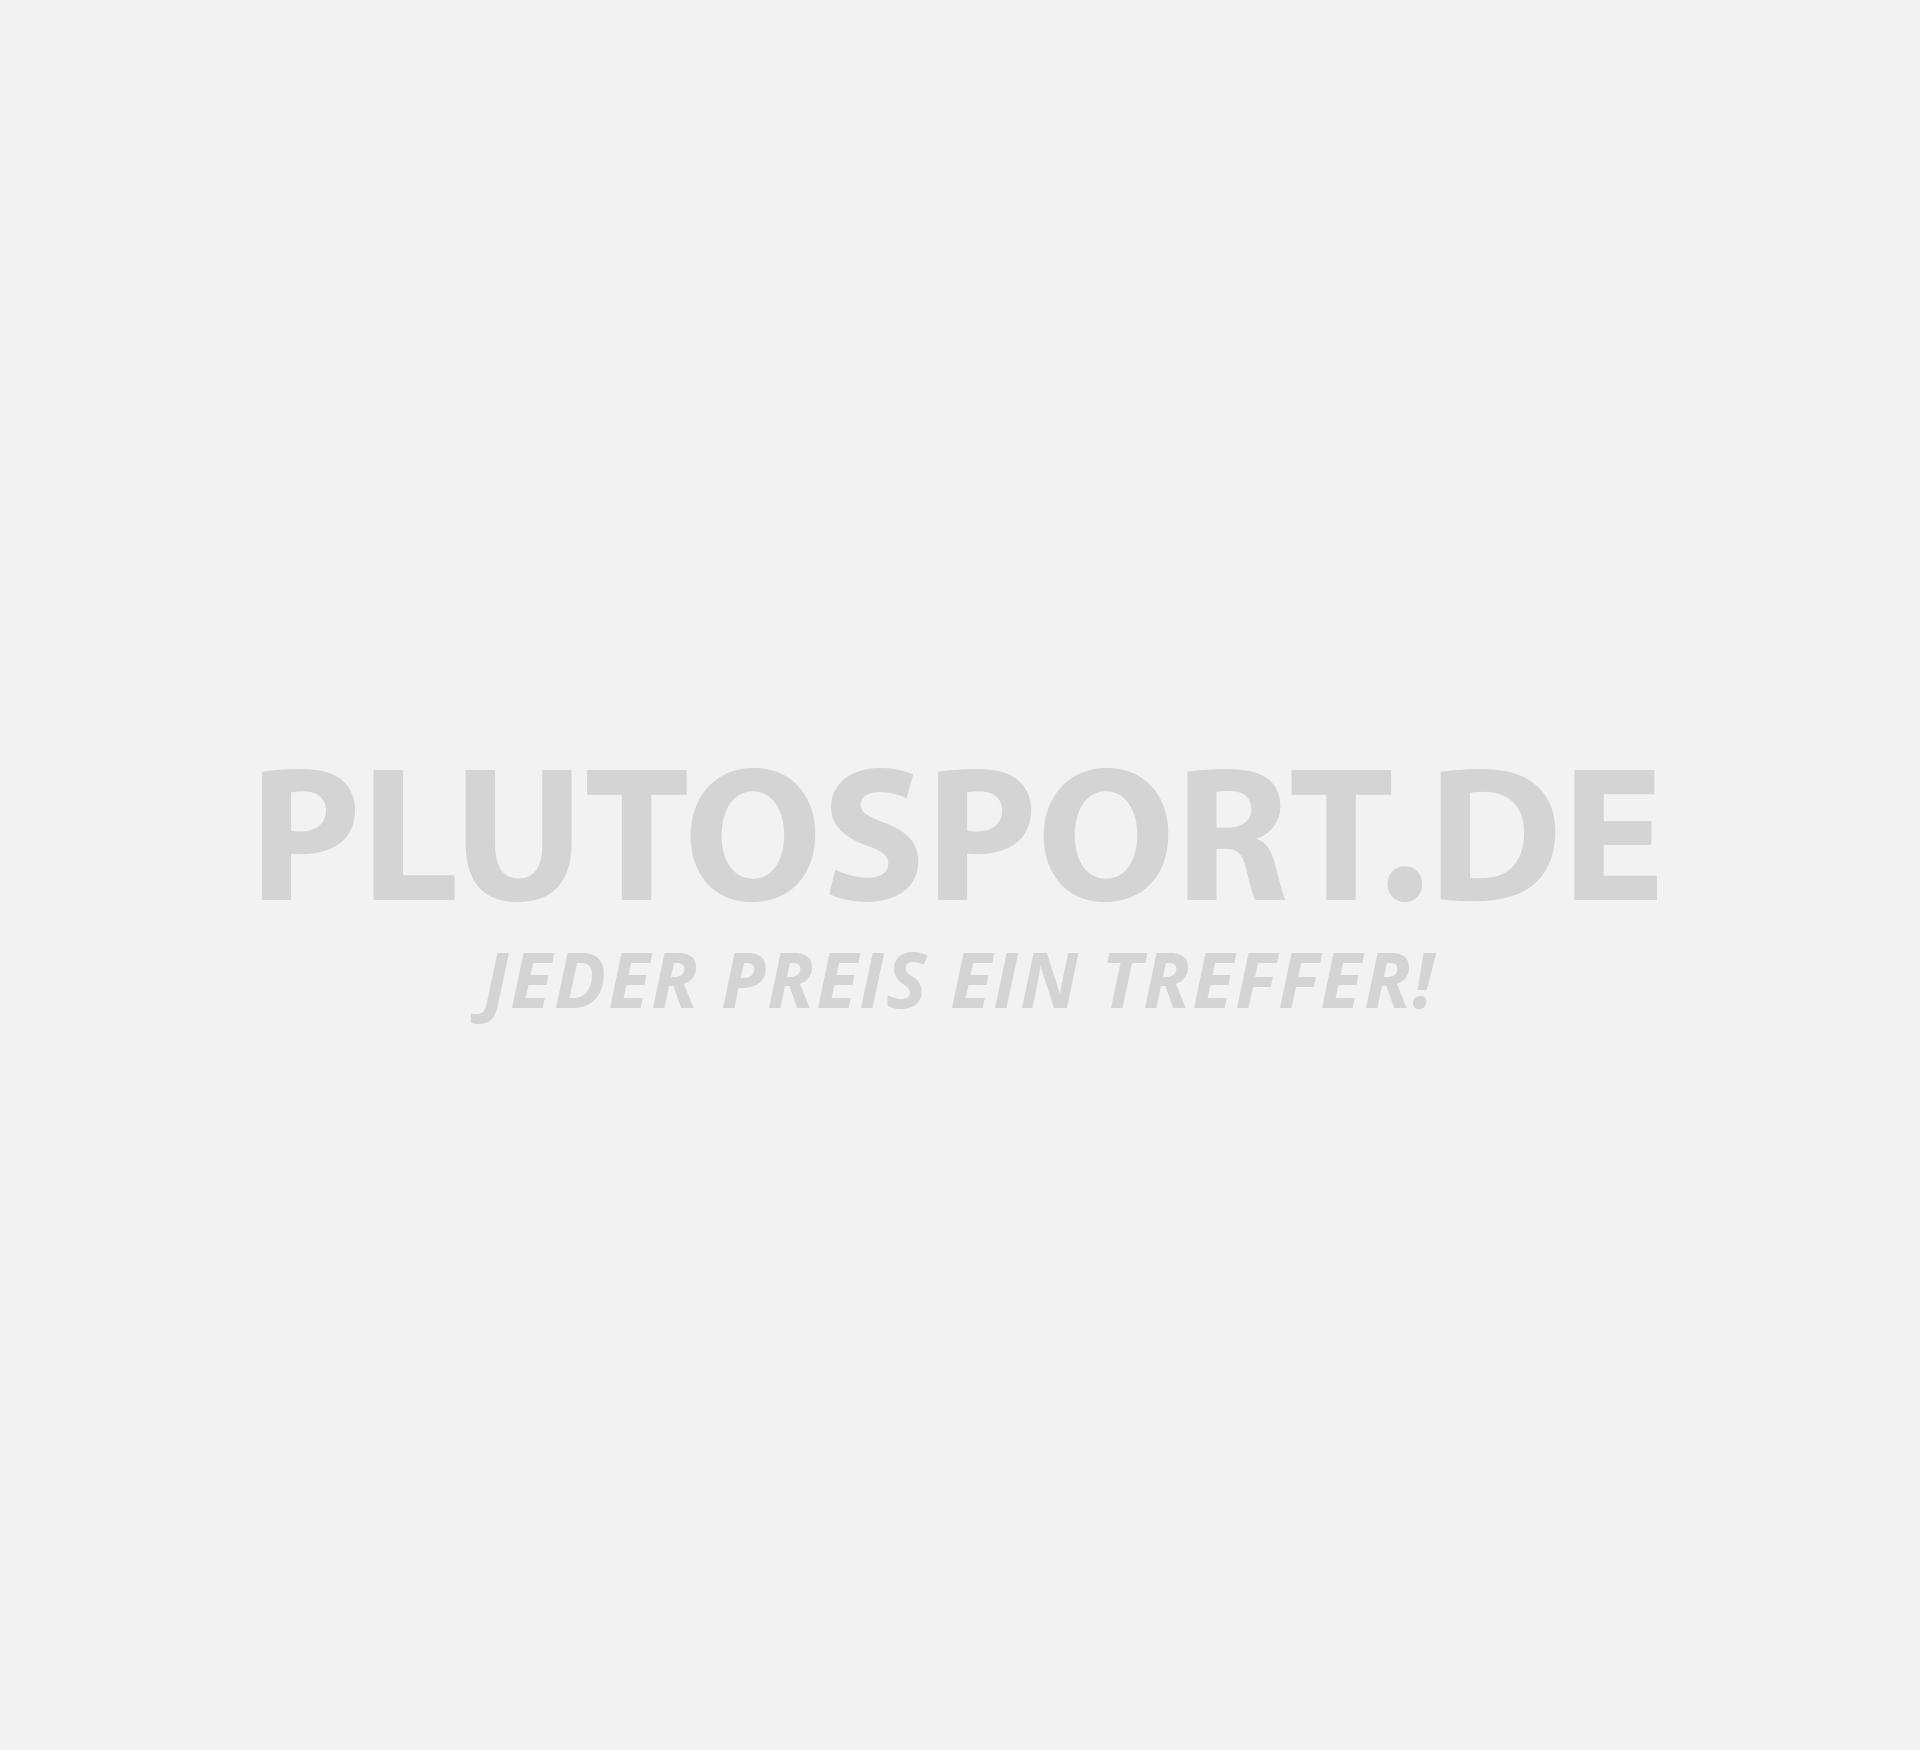 Björn Borg Contrast Solids Boxershorts (3er Pack)